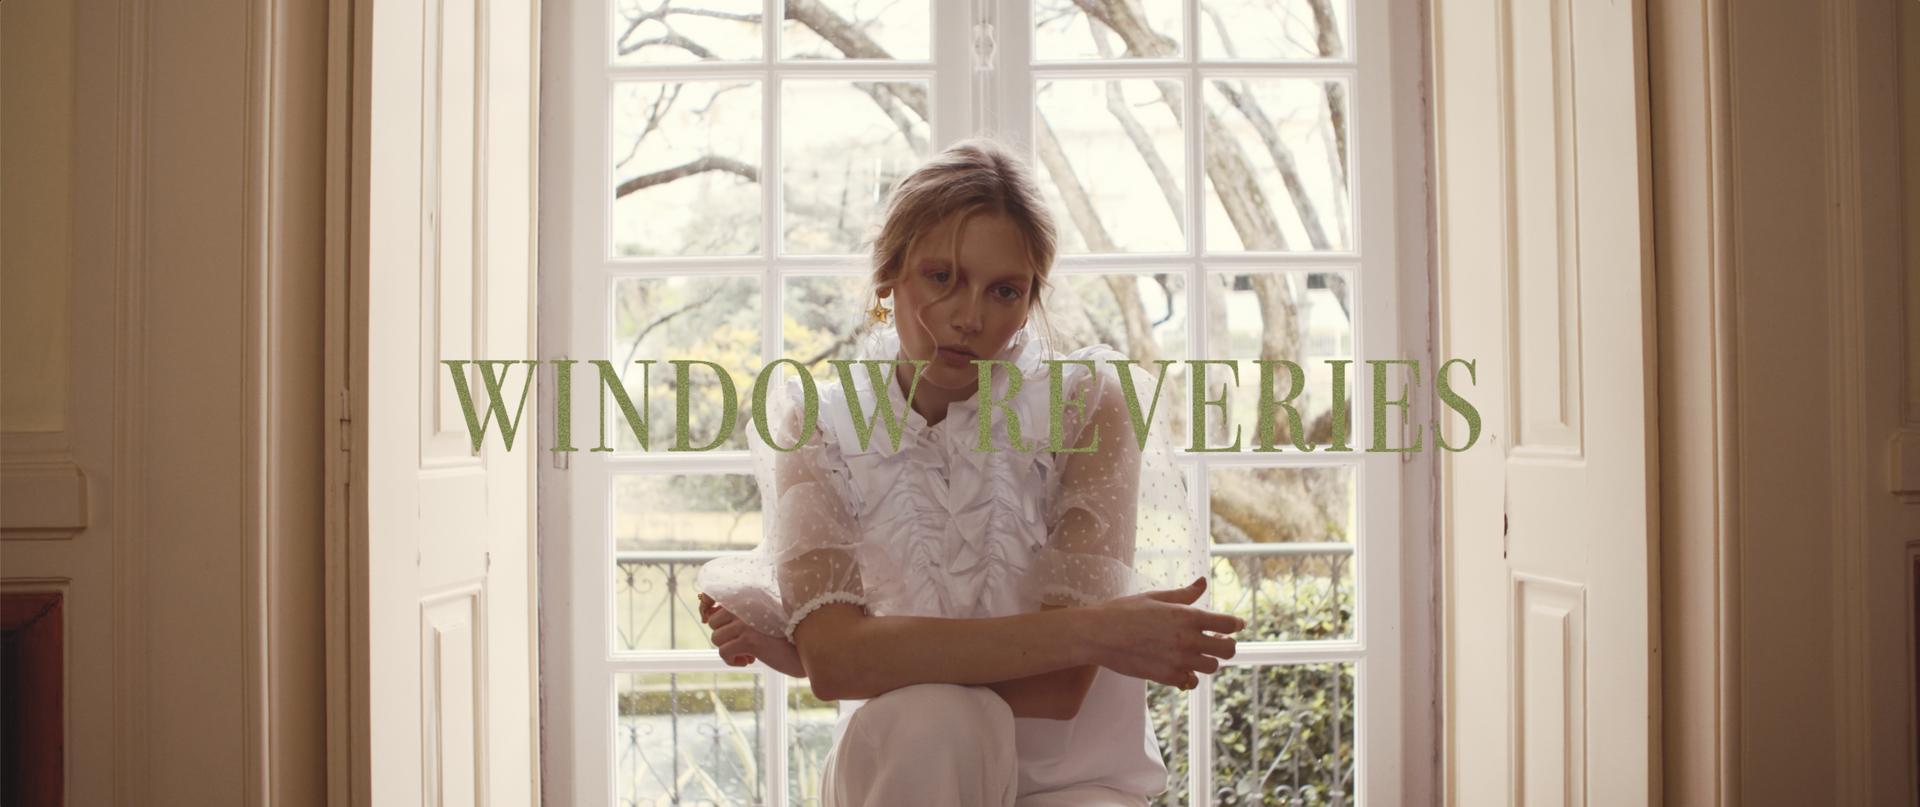 WINDOW REVERIES